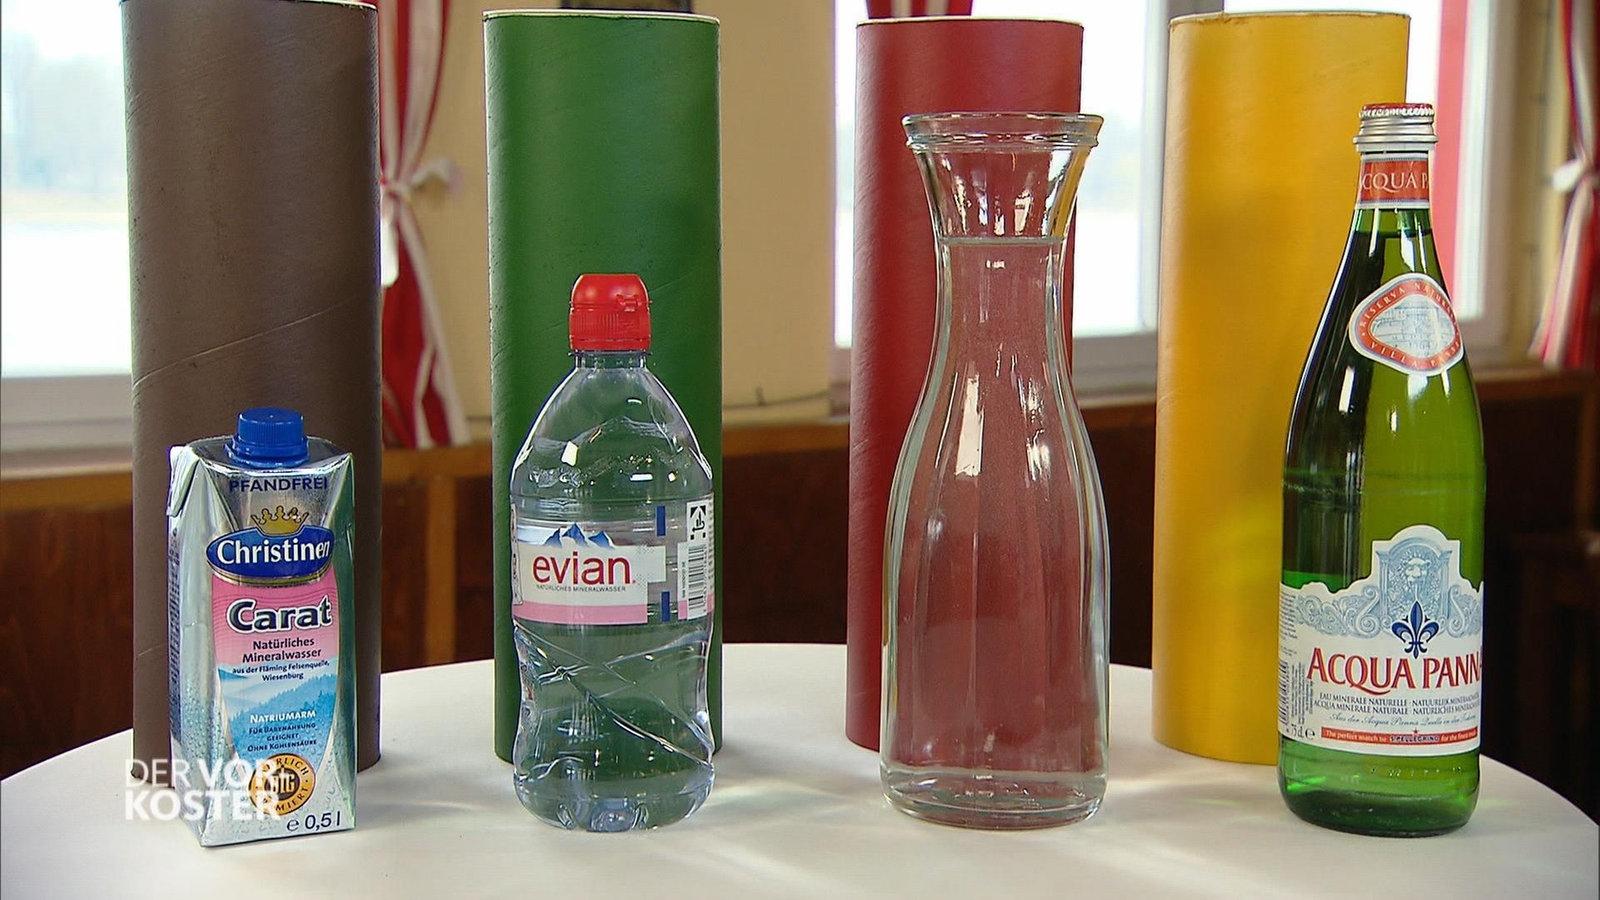 trinkwasser verbrauch und herkunft trinkwasser ern hrung verbraucher wdr. Black Bedroom Furniture Sets. Home Design Ideas